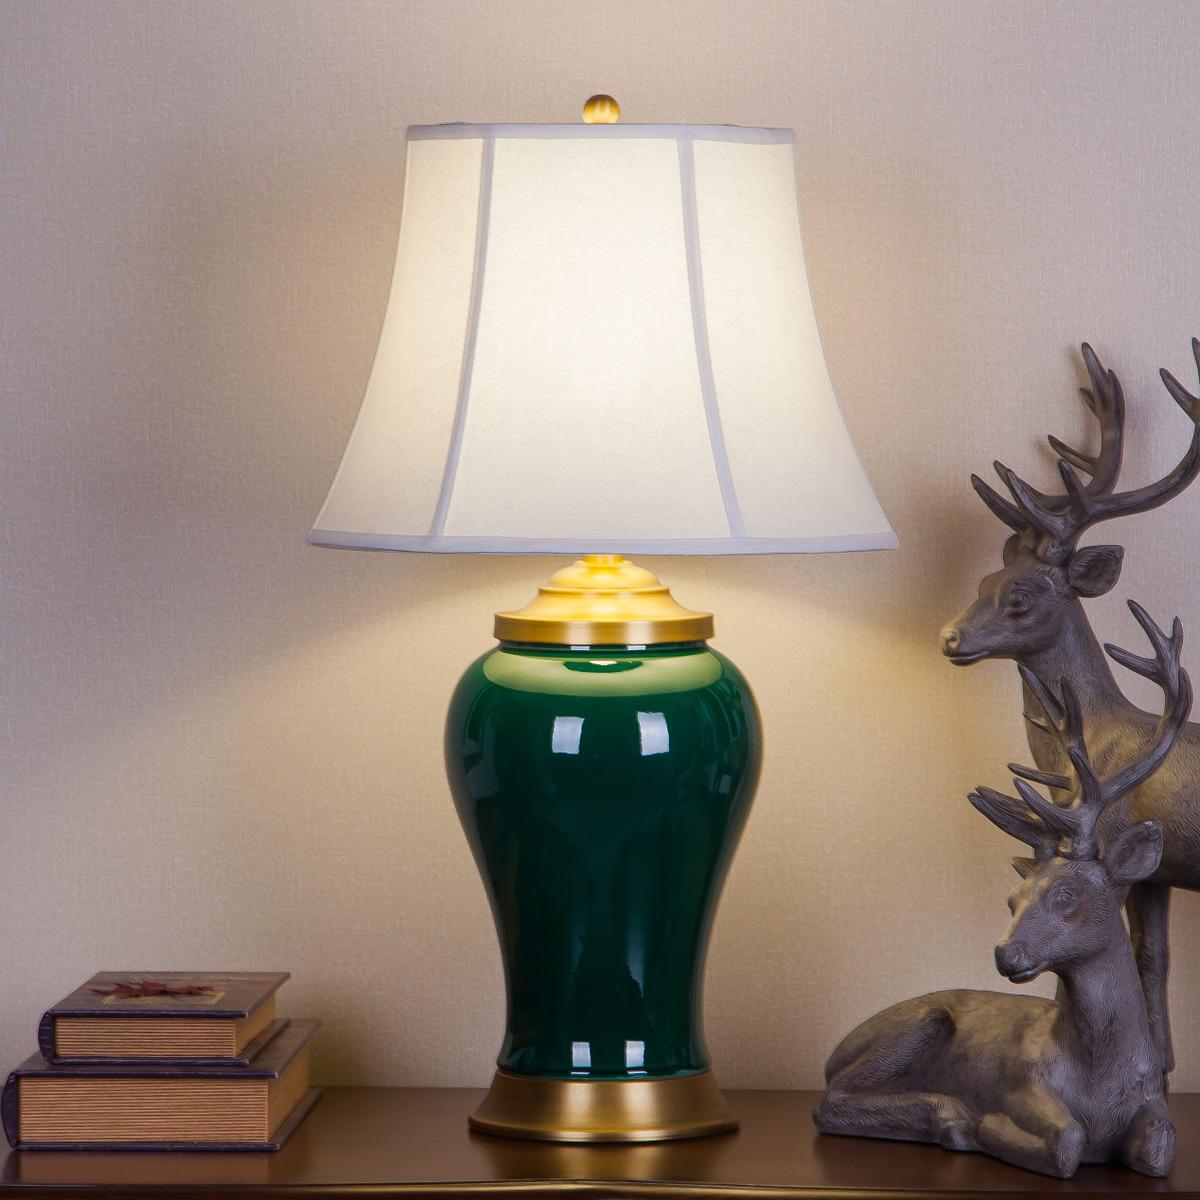 新品美式全铜陶瓷台灯客厅卧室书房中式欧式高档装饰婚庆新房 HH